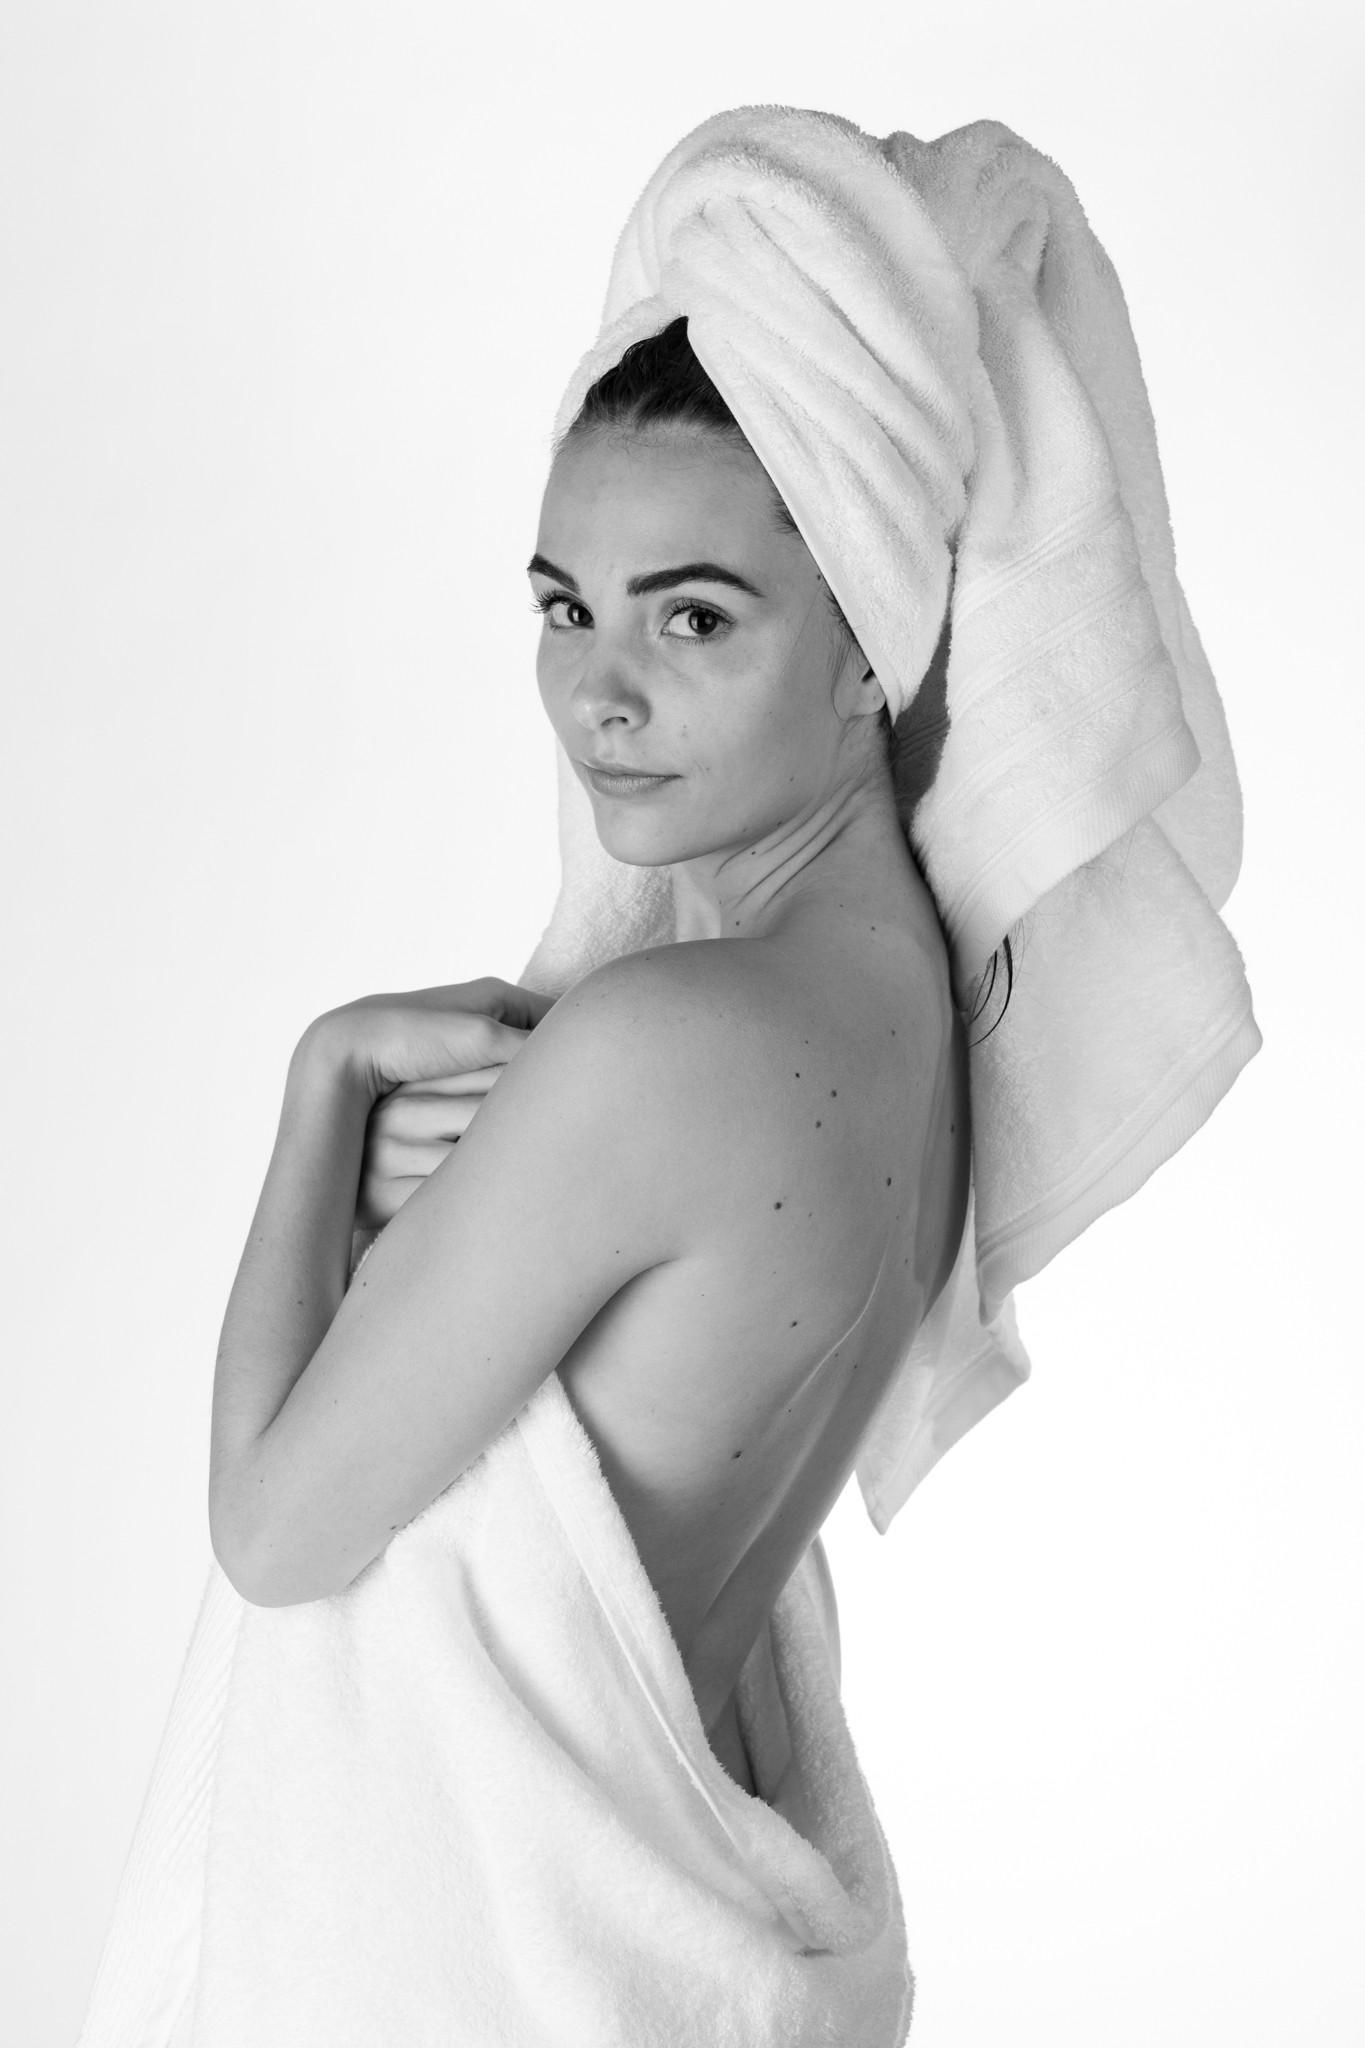 Axana Wet (10 of 25).jpg